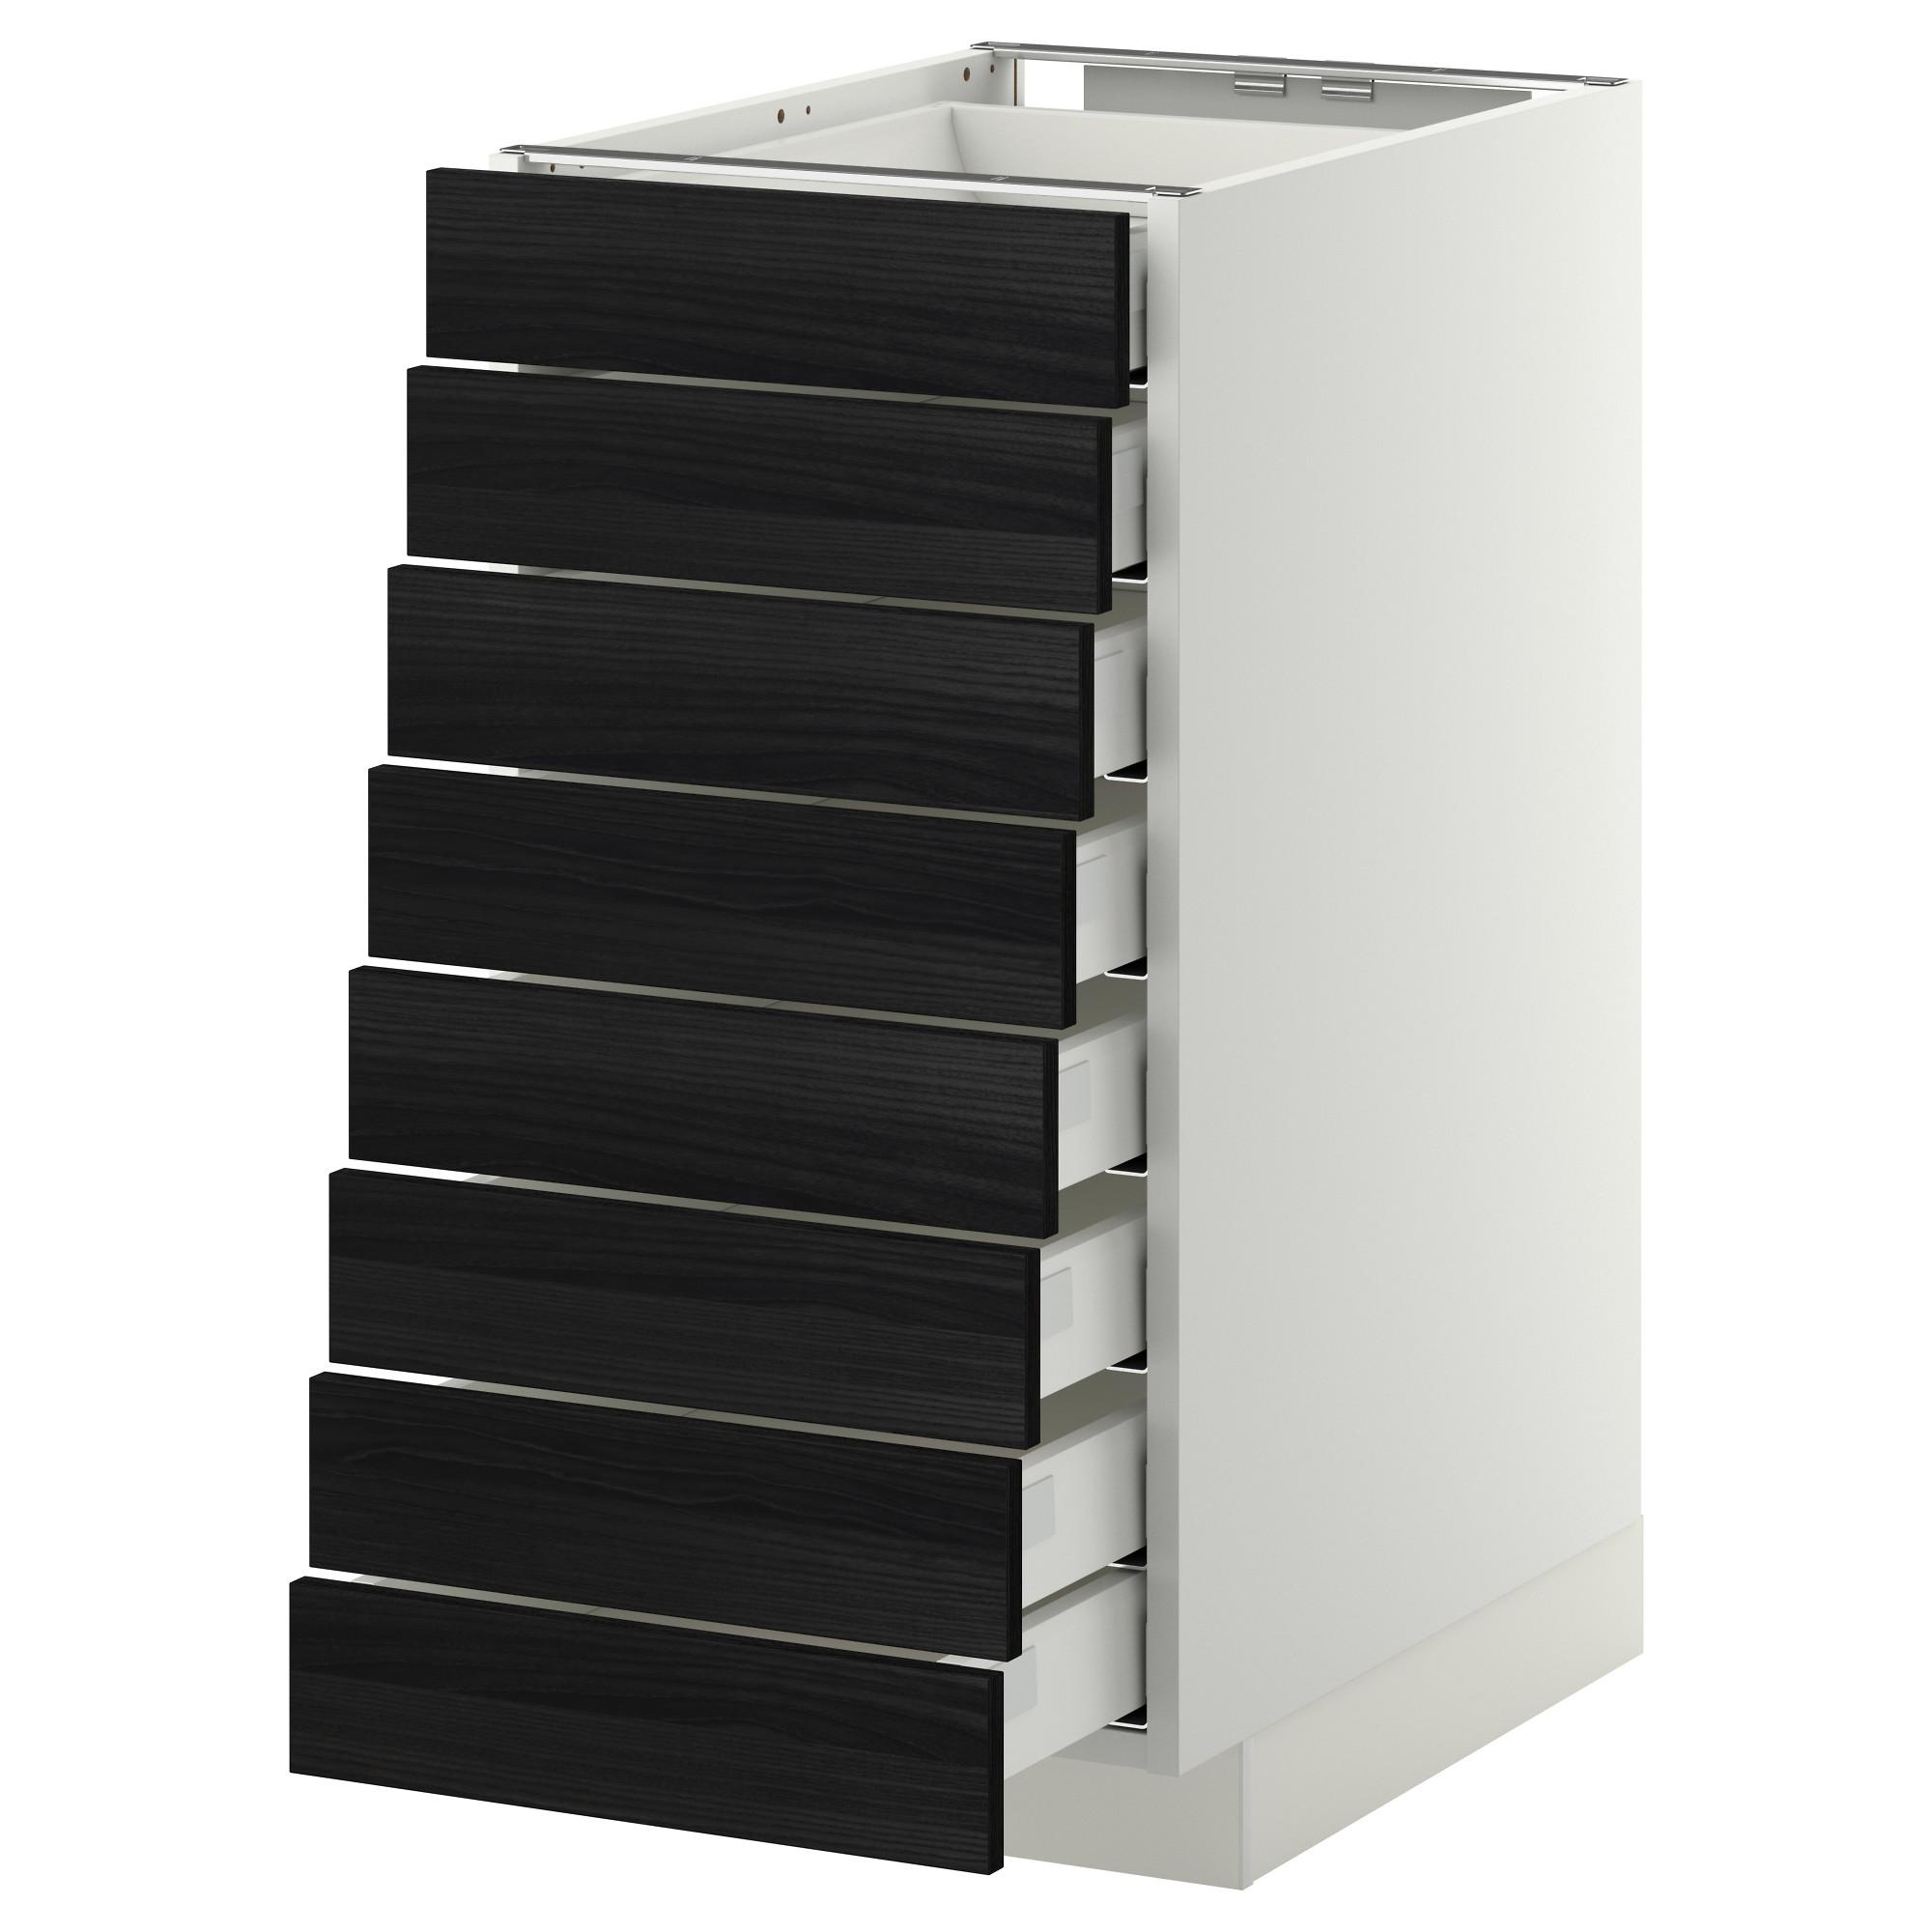 Напольный шкаф 8 фронтальных, 8 низких ящиков МЕТОД / МАКСИМЕРА черный артикуль № 792.343.03 в наличии. Интернет каталог IKEA РБ. Недорогая доставка и соборка.